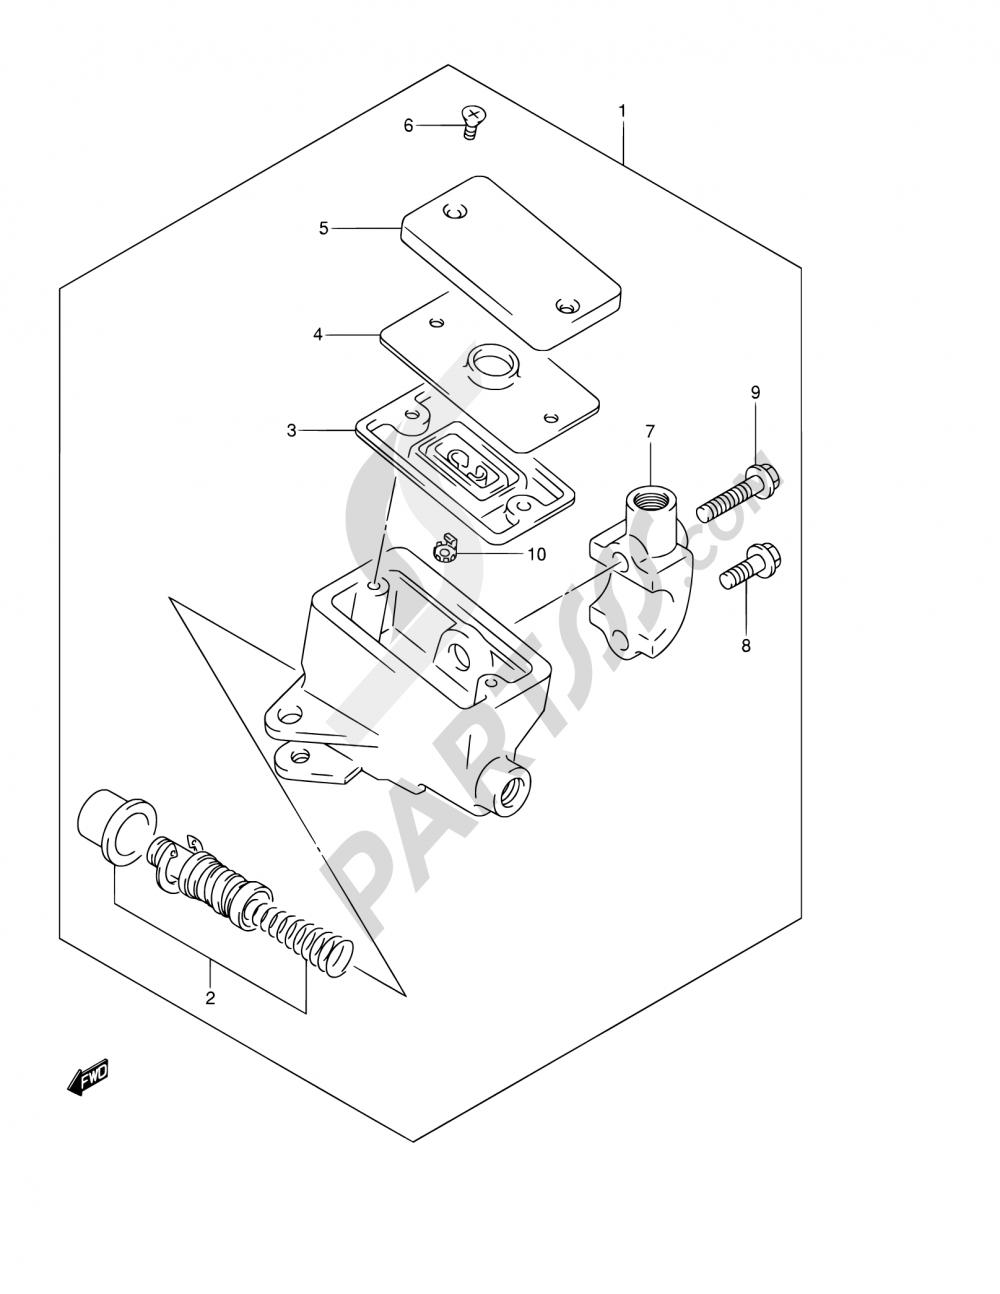 63 - FRONT MASTER CYLINDER (GSF1200K1/K2/K3/K4/ZK4/K5/ZK5) Suzuki BANDIT GSF1200 2005